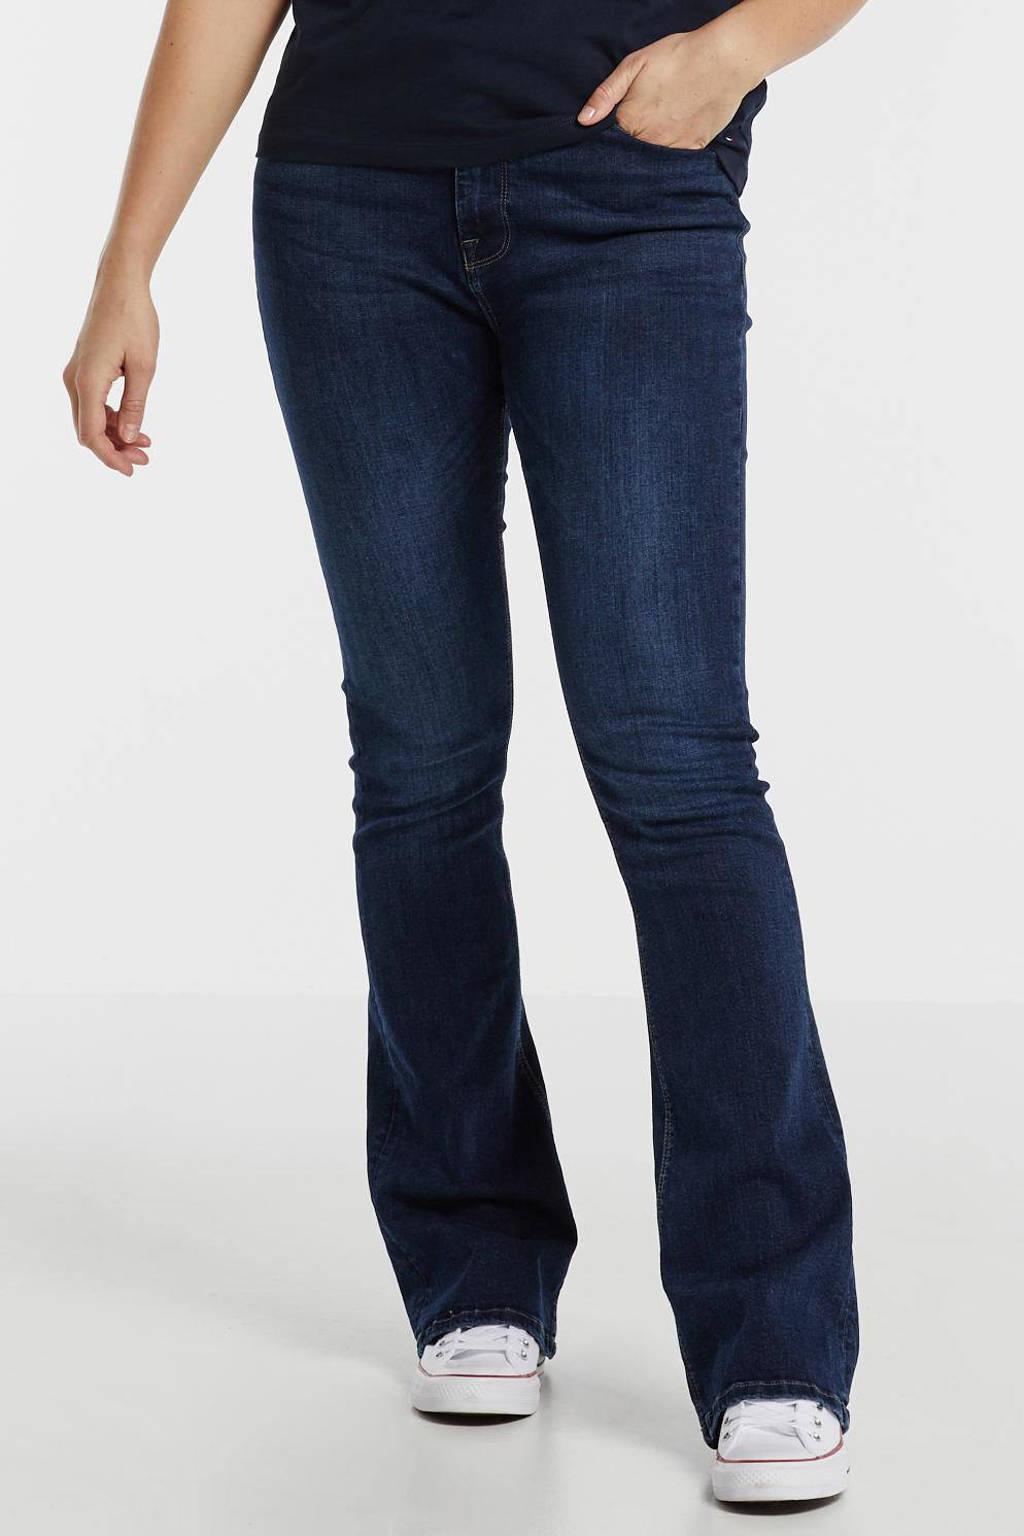 ONLY high waist flared jeans ONLPAOLA dark blue denim, Donkerblauw